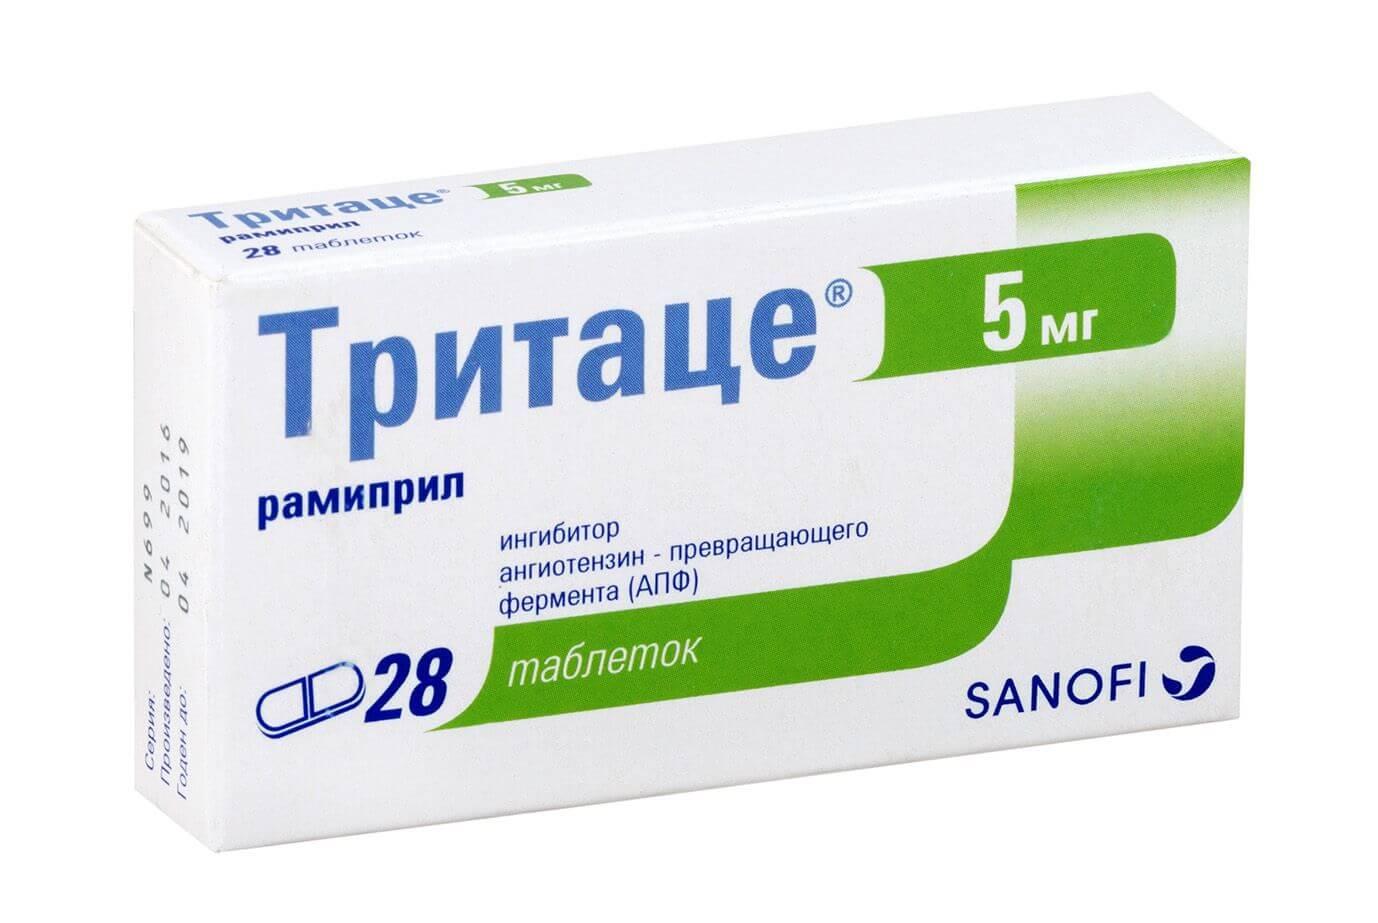 Тритаце: инструкция по применению таблеток